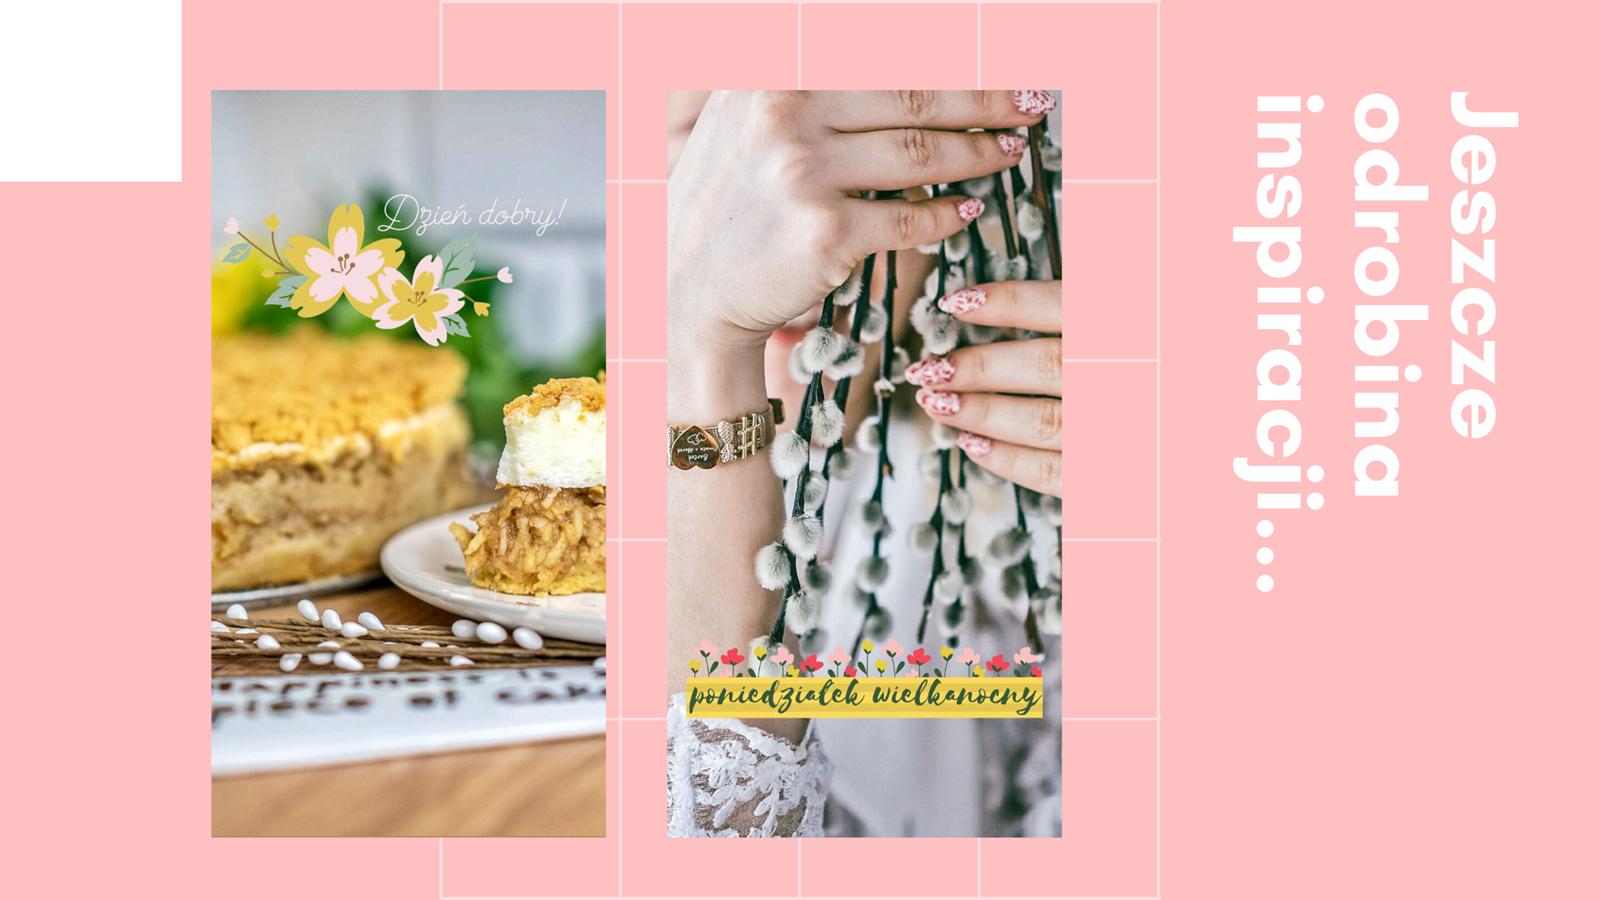 13 darmowe naklejki na instastories kwiaty wielkanoc jak zrobić swoją naklejkę na stories instagram jak wstawiać naklejki na instastory klawiatura swiftkey instrukcja krok po kroku